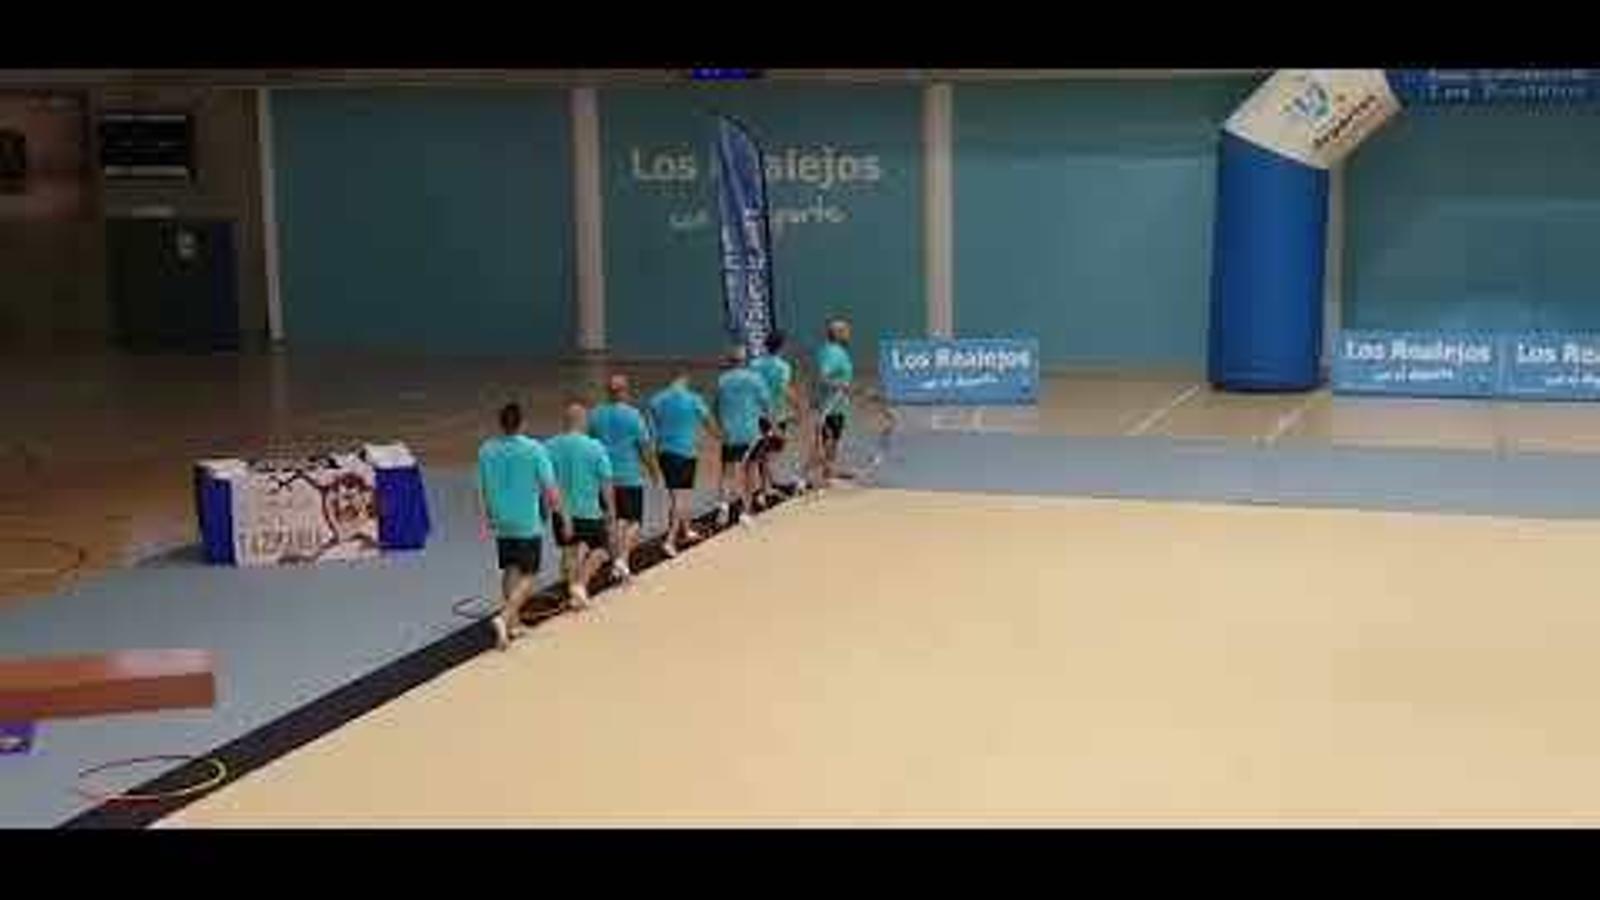 Els pares fent excercicis de gimnàstica rítmica per les seves filles